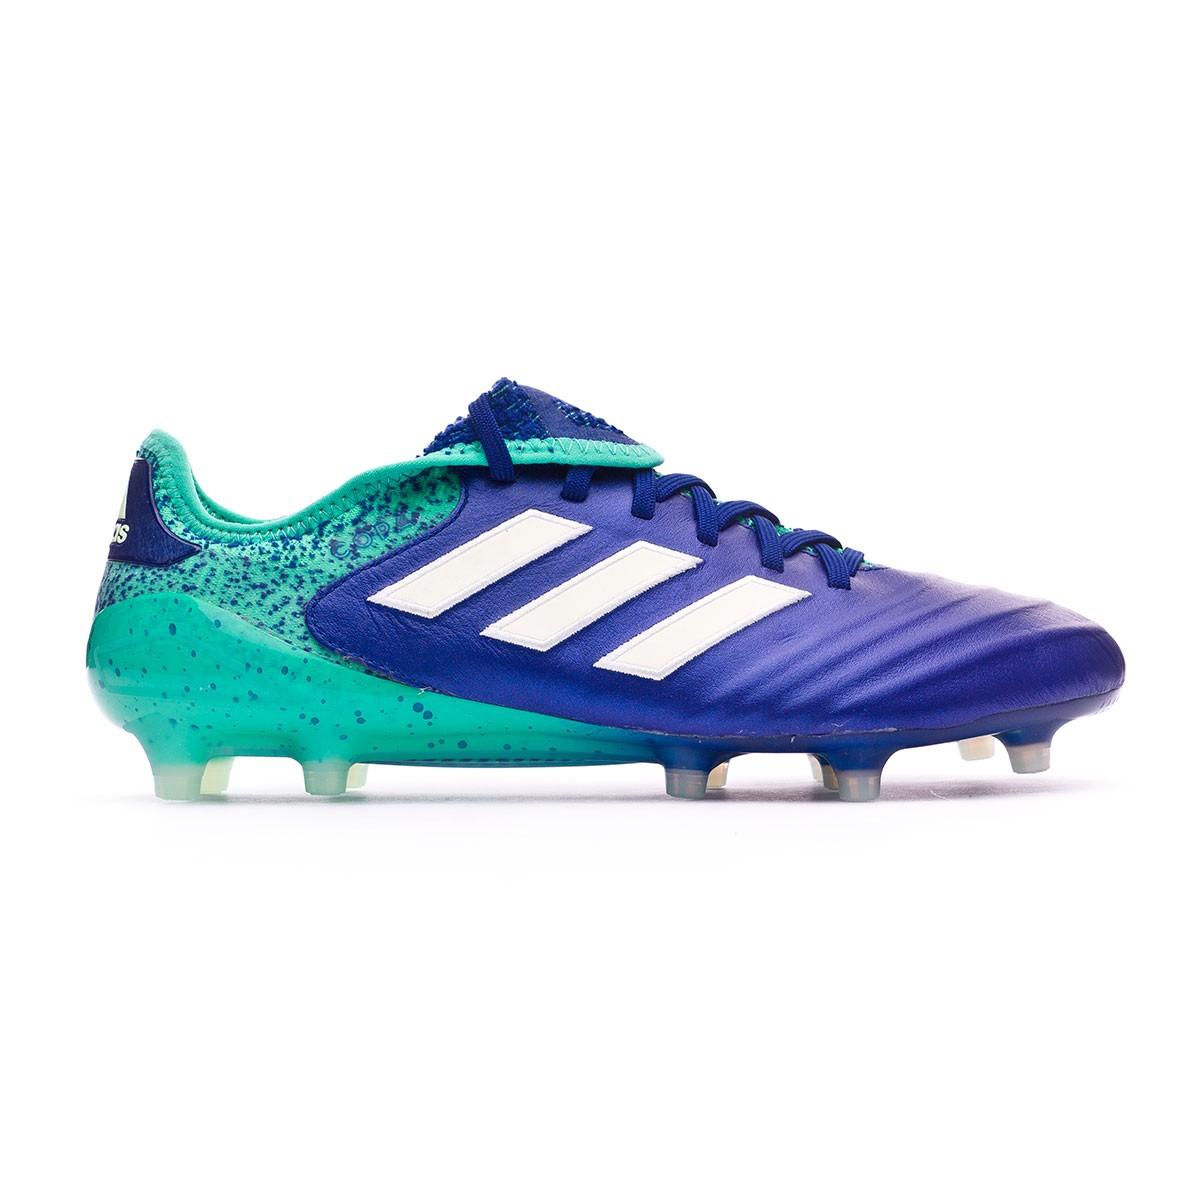 8559be97d35 Zapatos de fútbol adidas Copa 18.1 FG Unity ink-Aero green-Hi-res green -  Tienda de fútbol Fútbol Emotion